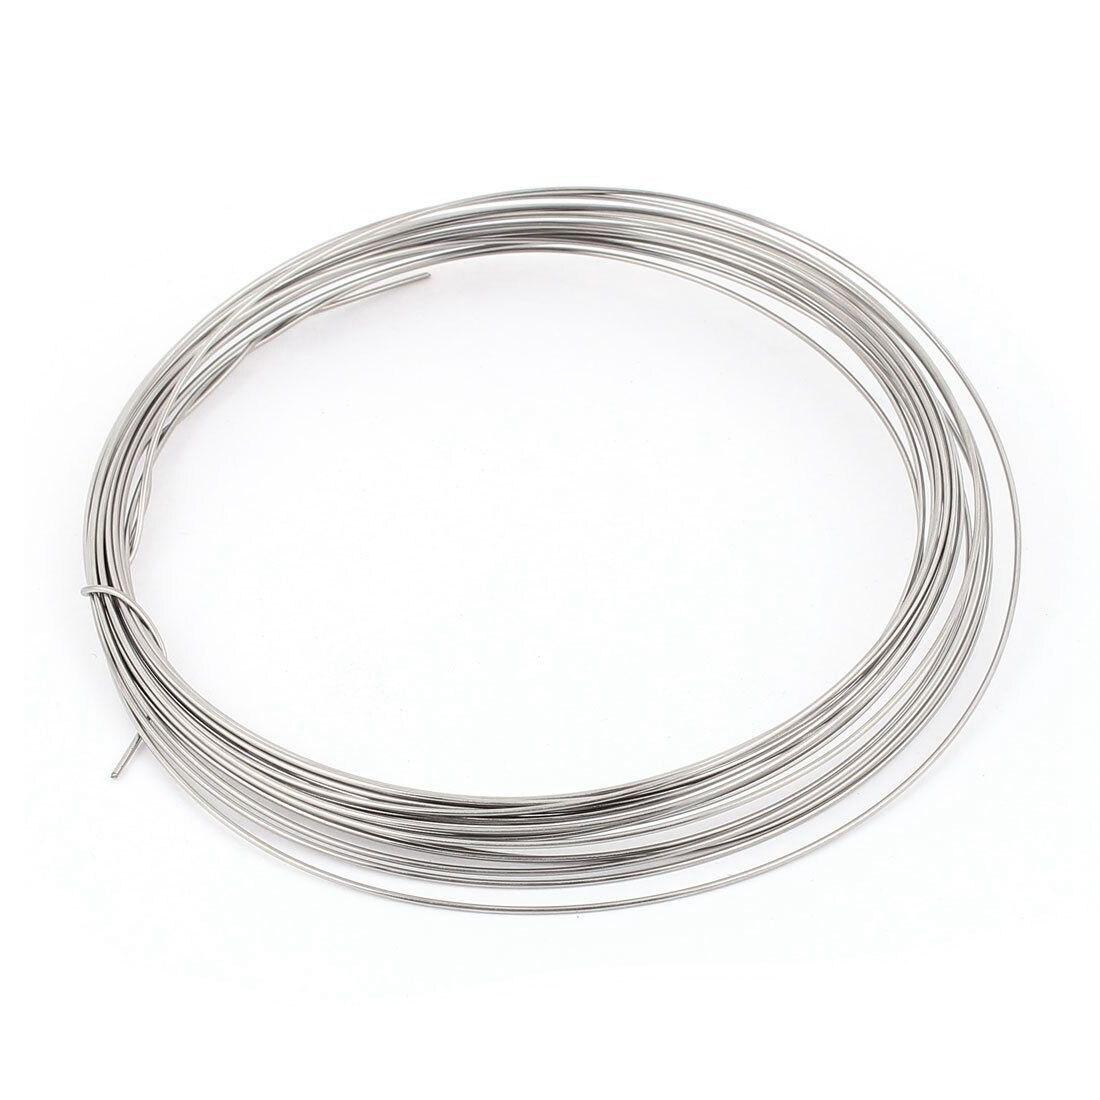 hot fecral 1mm 18 gauge awg ohms ft heater wire 7. Black Bedroom Furniture Sets. Home Design Ideas